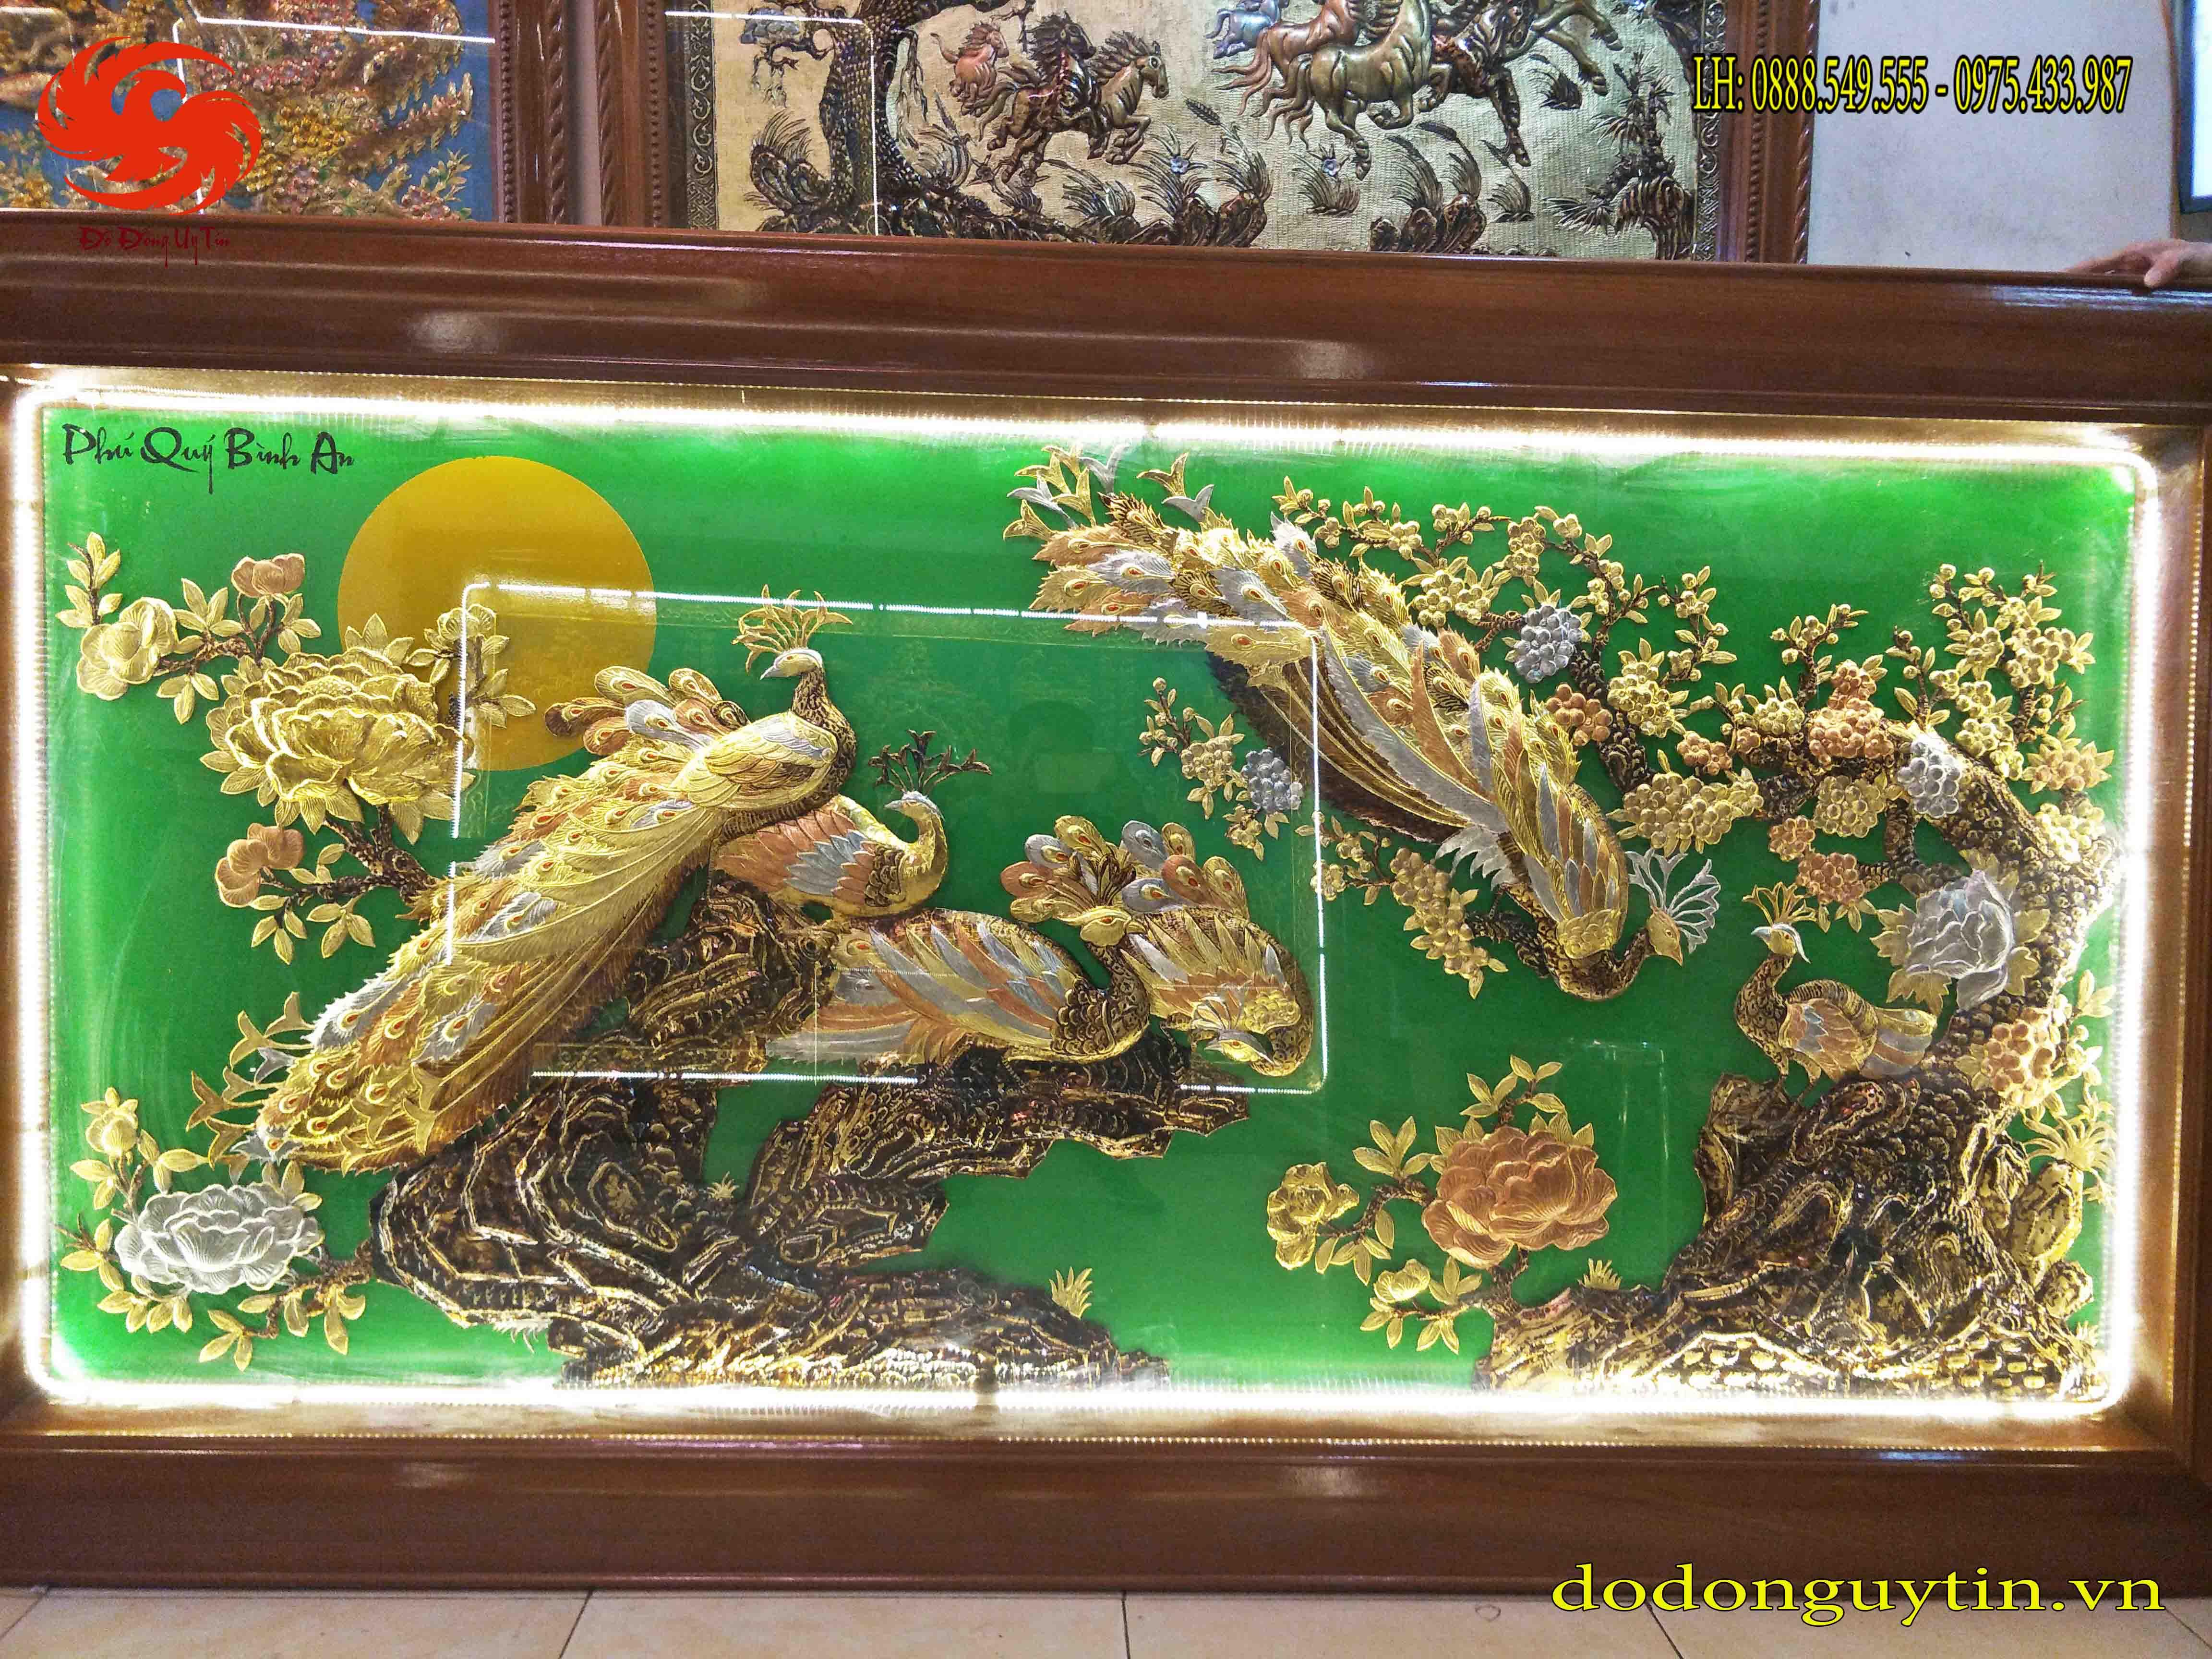 Bức tranh đồng Phú Quý Bình An